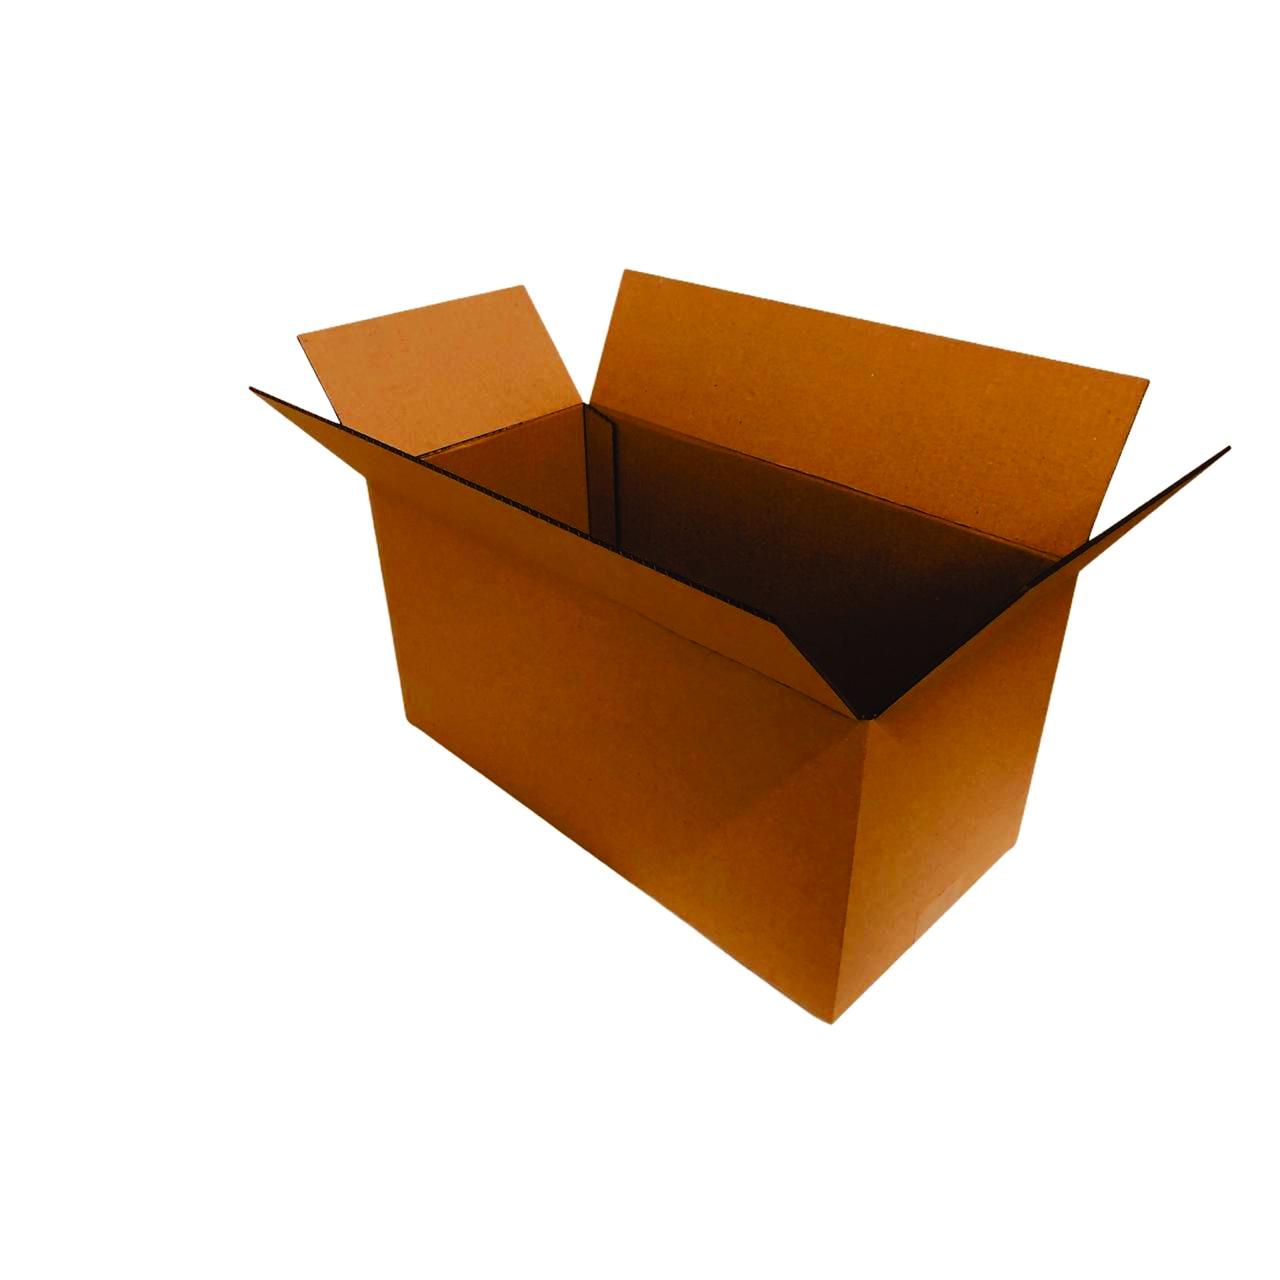 10 Caixas de Papelao (40X30X30)cm - Sedex / Pac / Correios